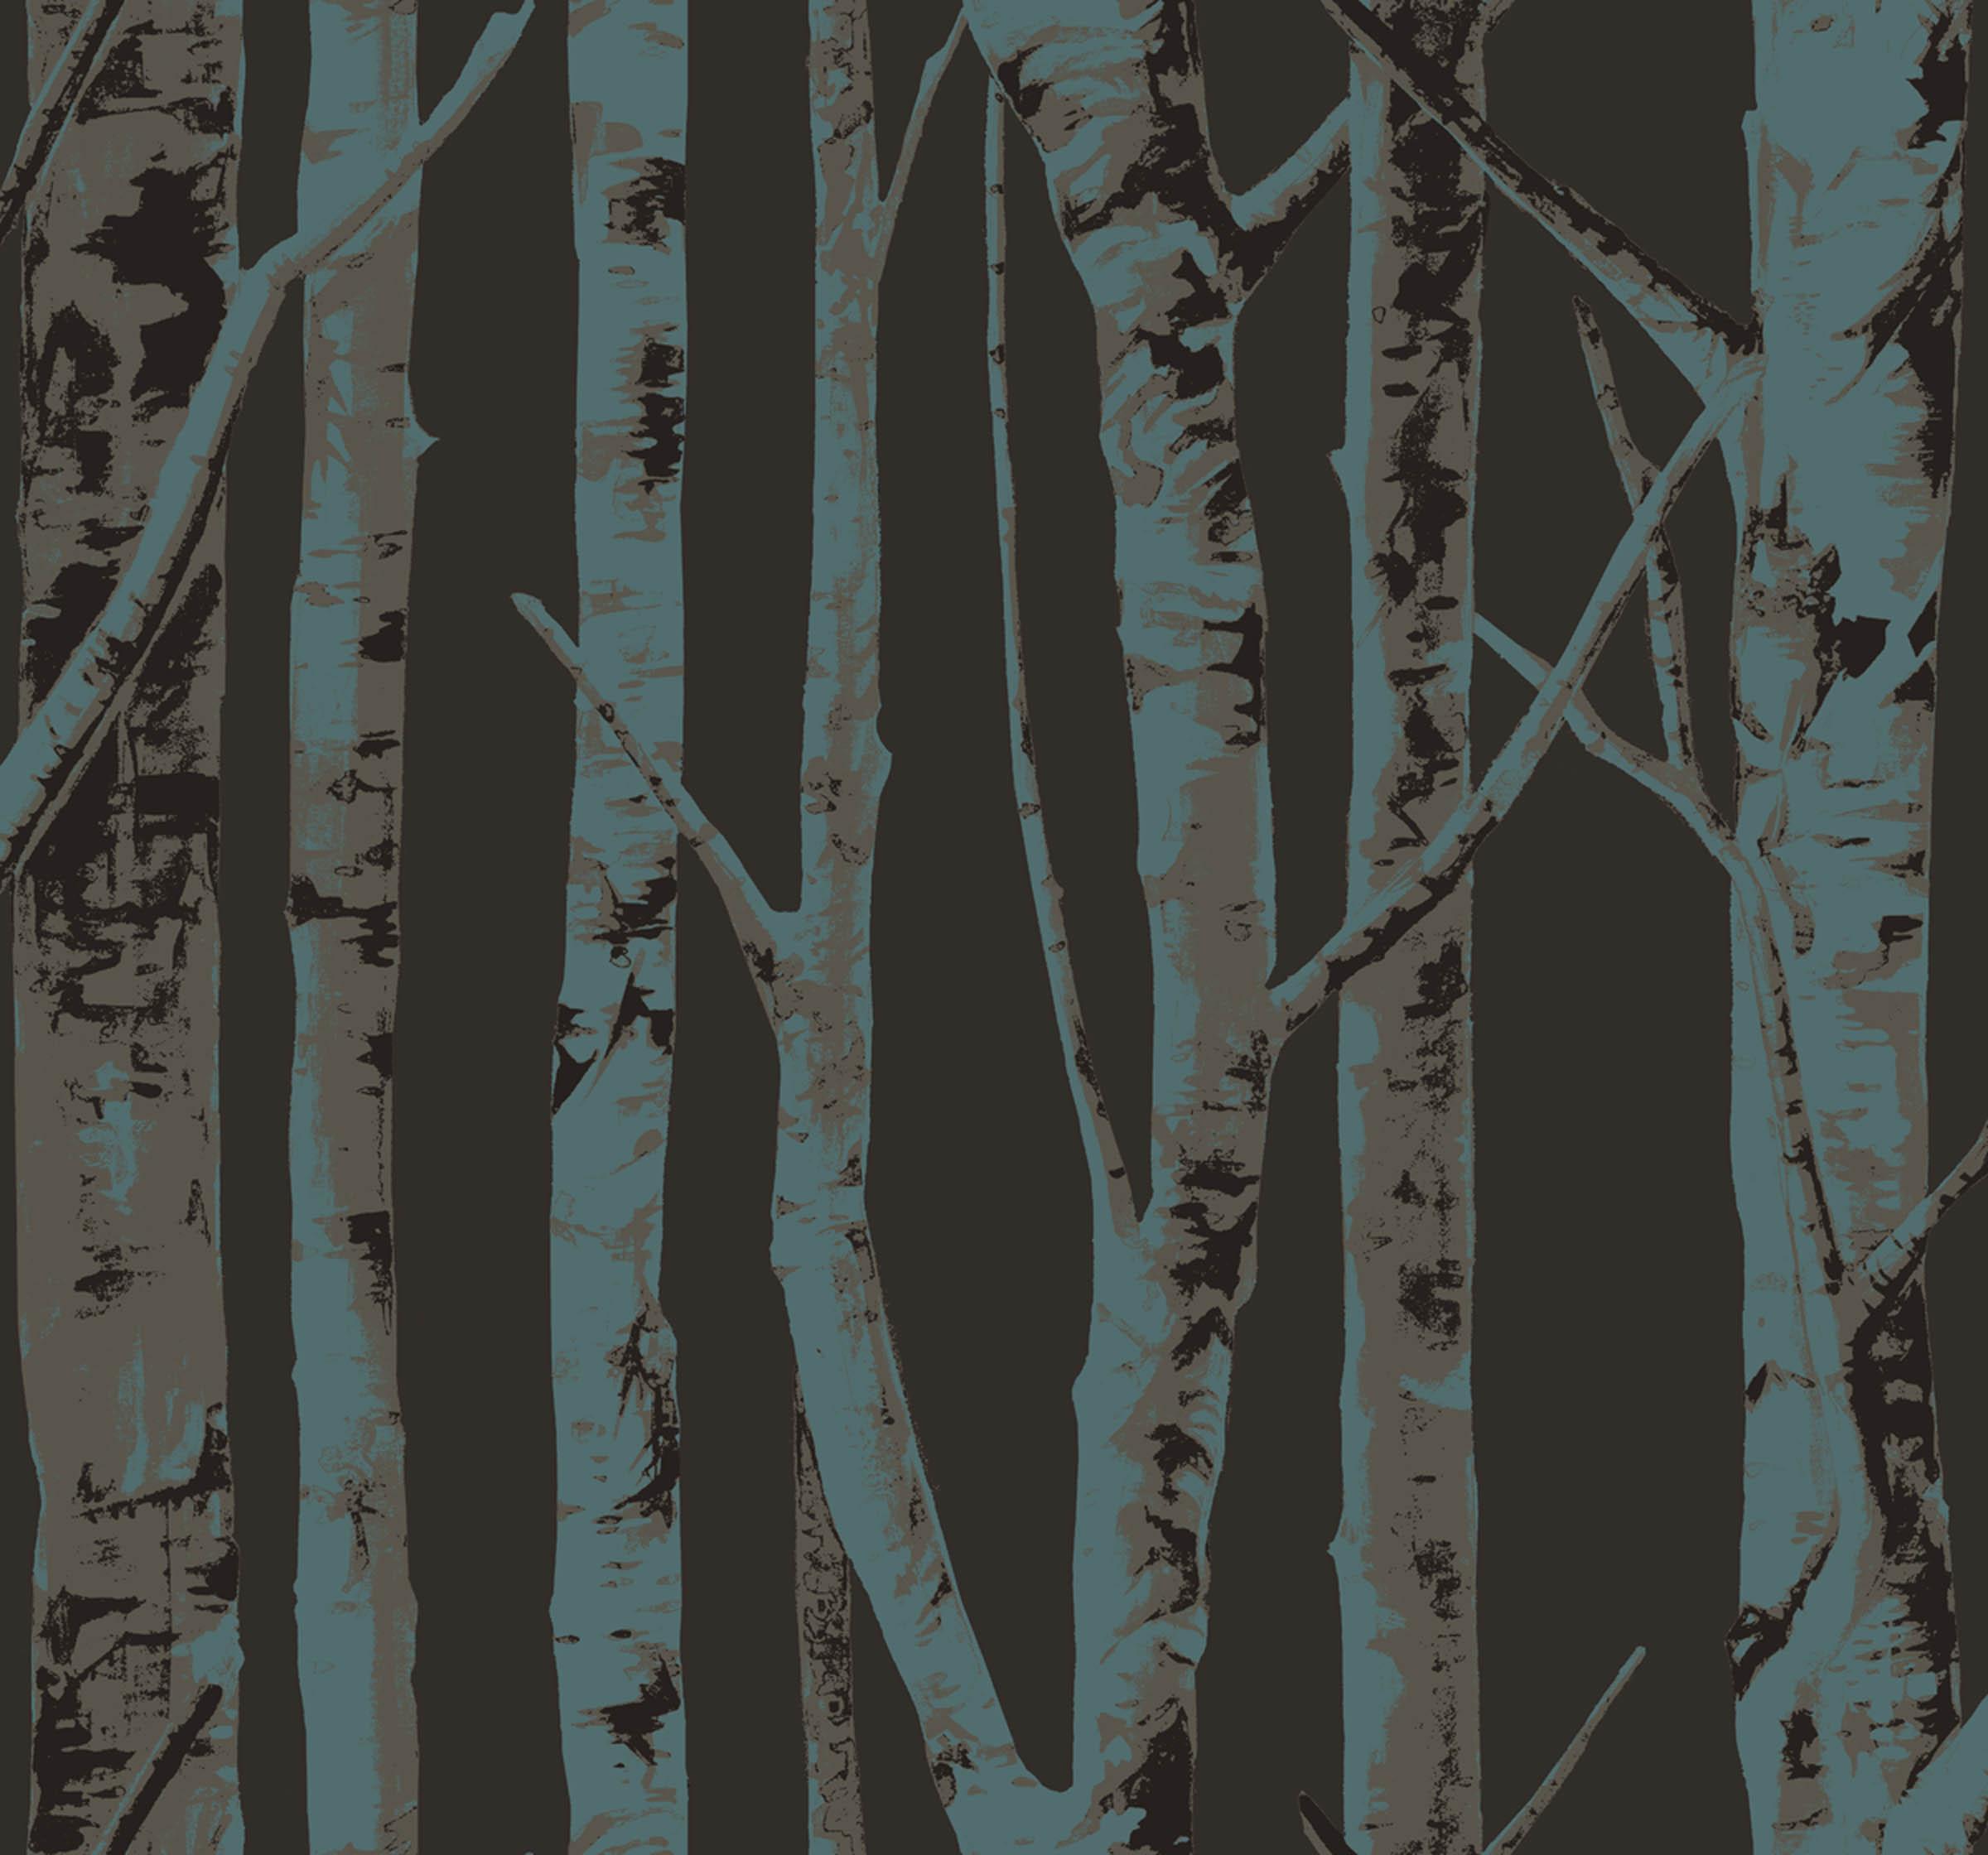 Chic Bird Trail design from Sandpiper Studios Eco Chic wallpaper 2400x2240